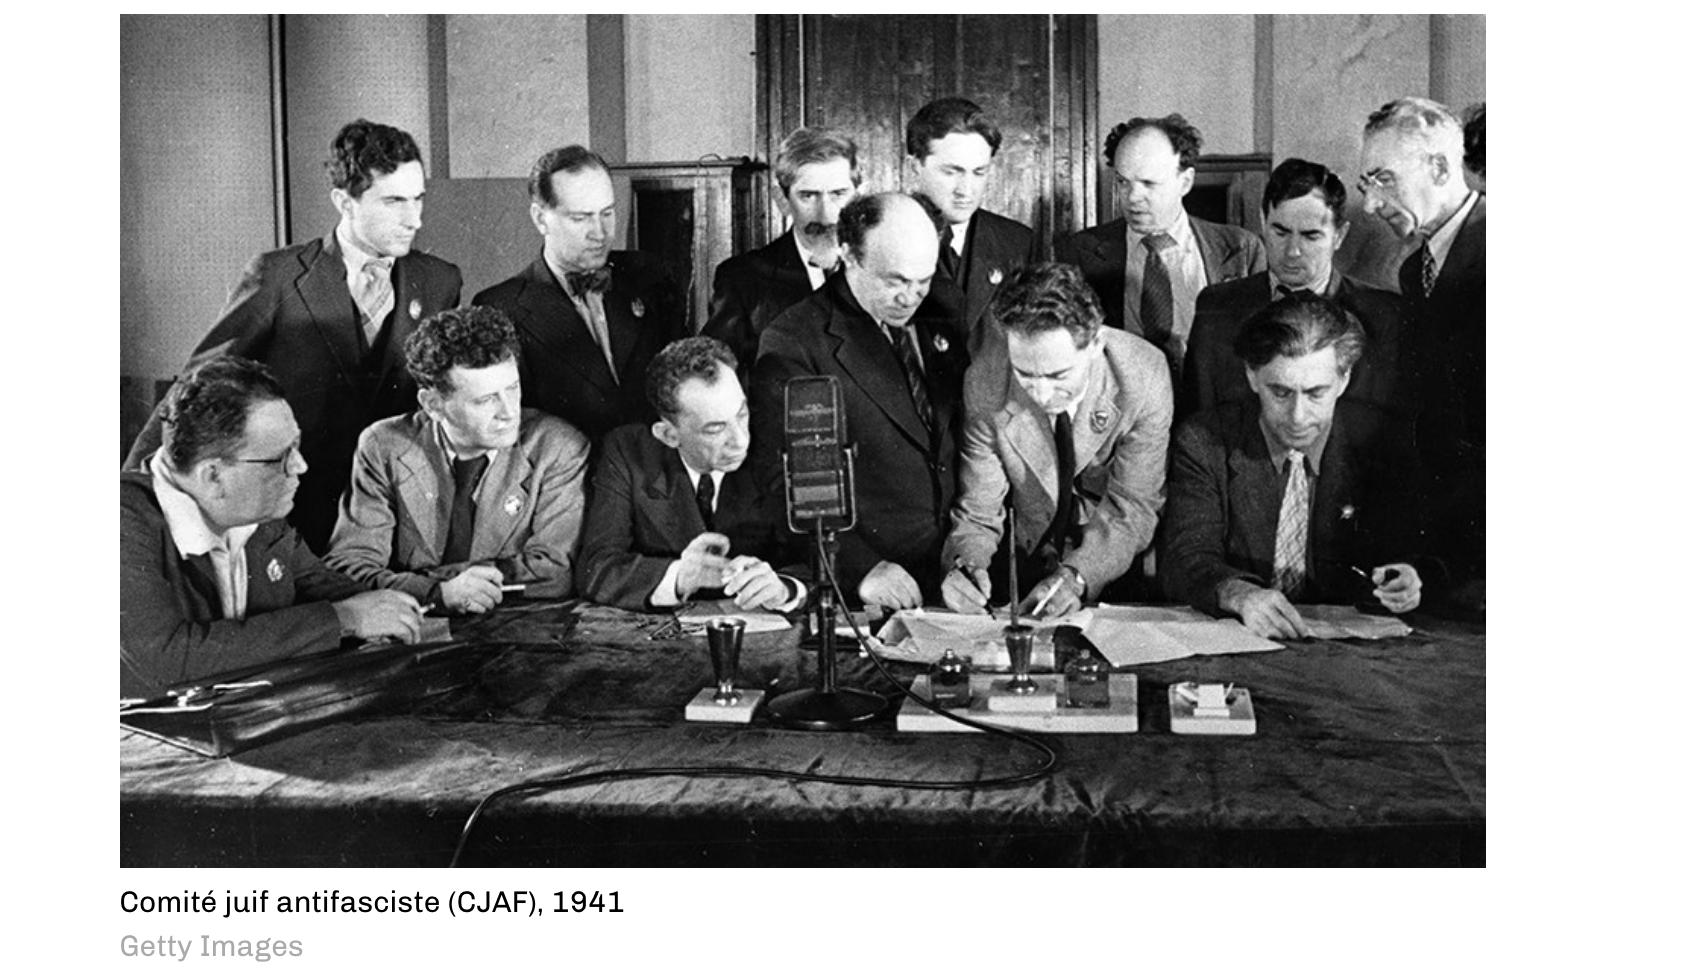 comité antifasciste juif